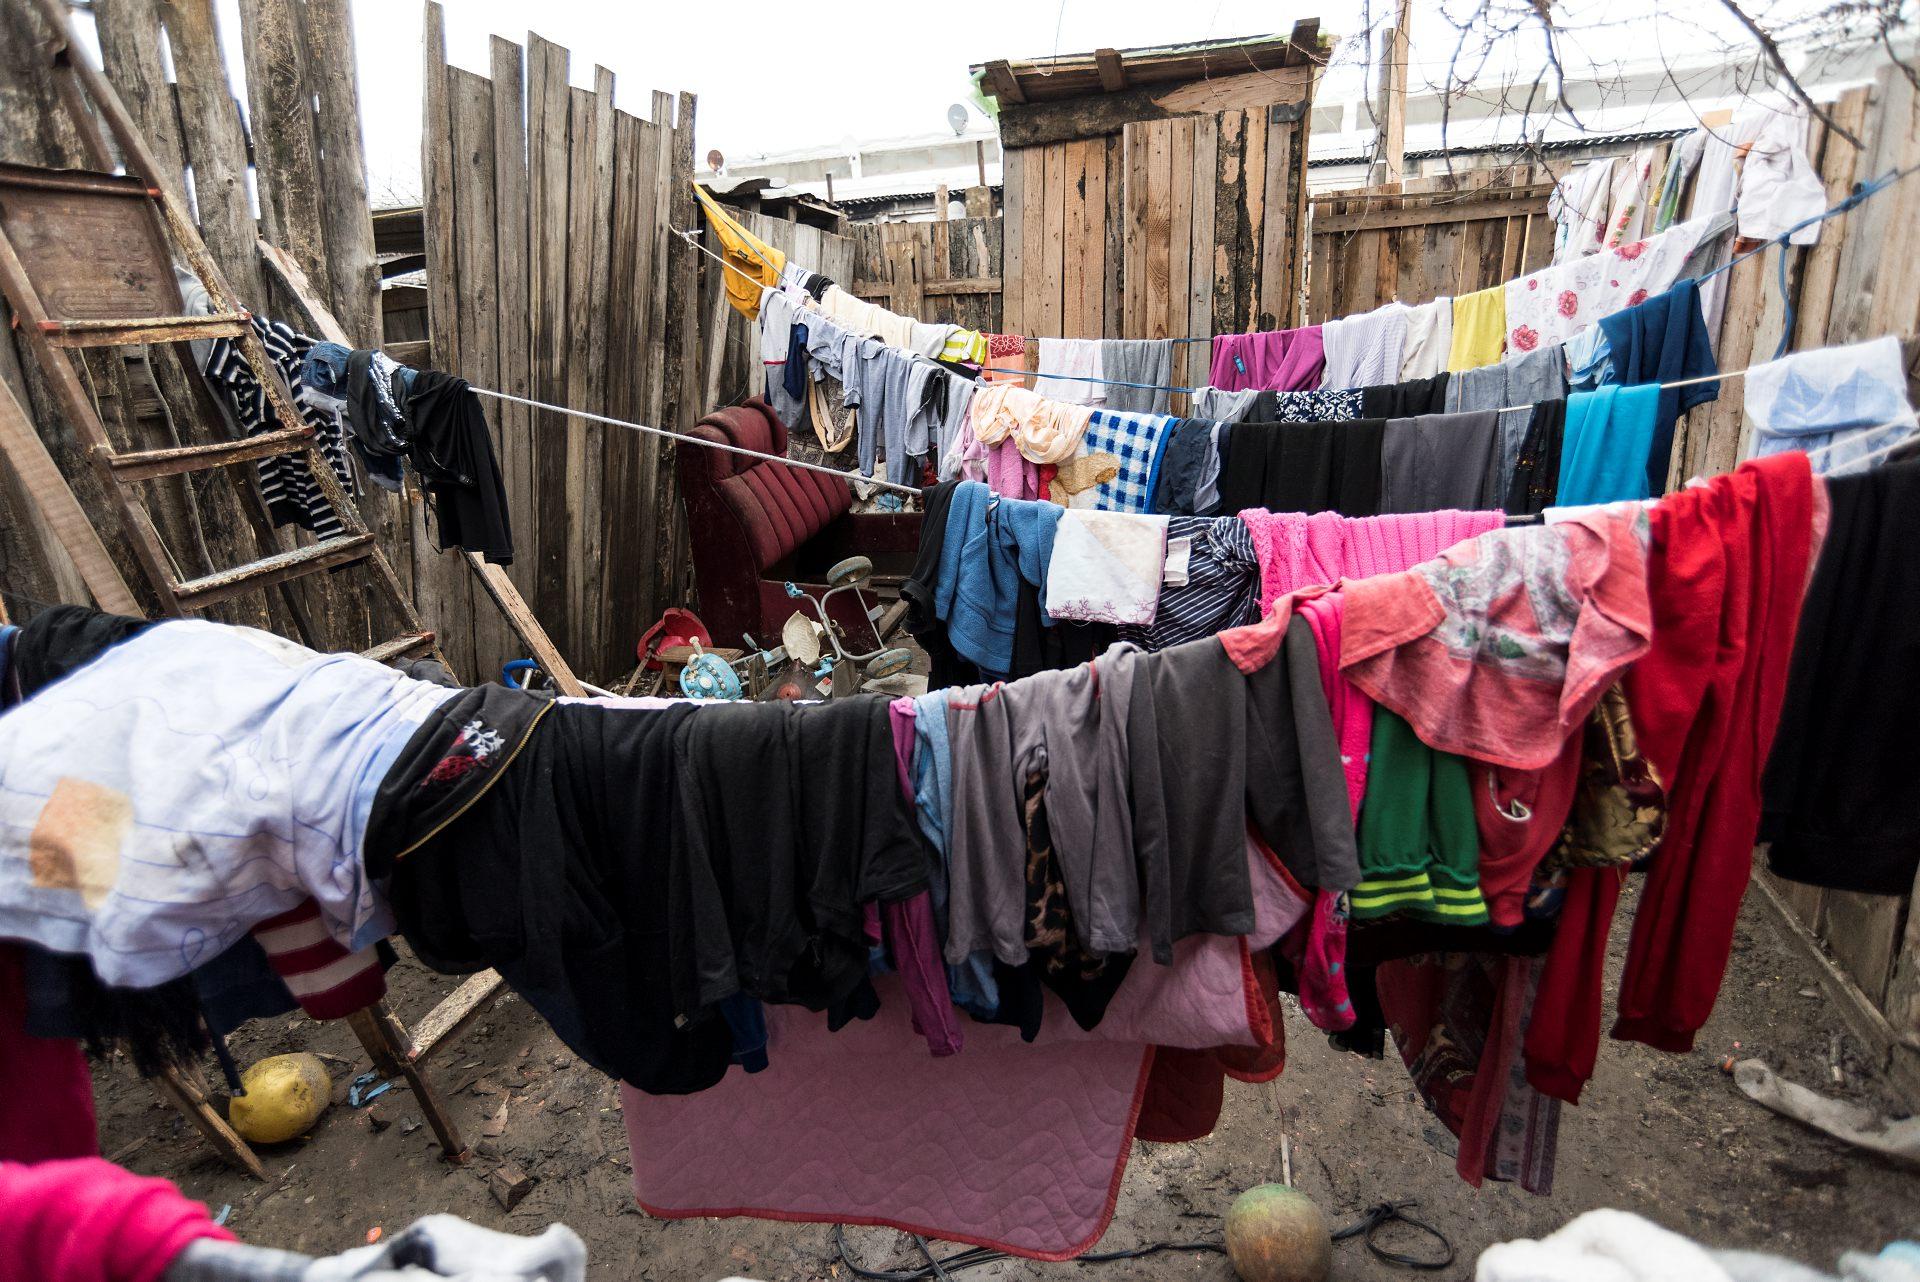 Dana hänger tvätt på sin lilla utegård. Hon försöker få rena kläder till barnen så de ska kunna gå till skolan. Foto: Gustaf Hellsing/IKON